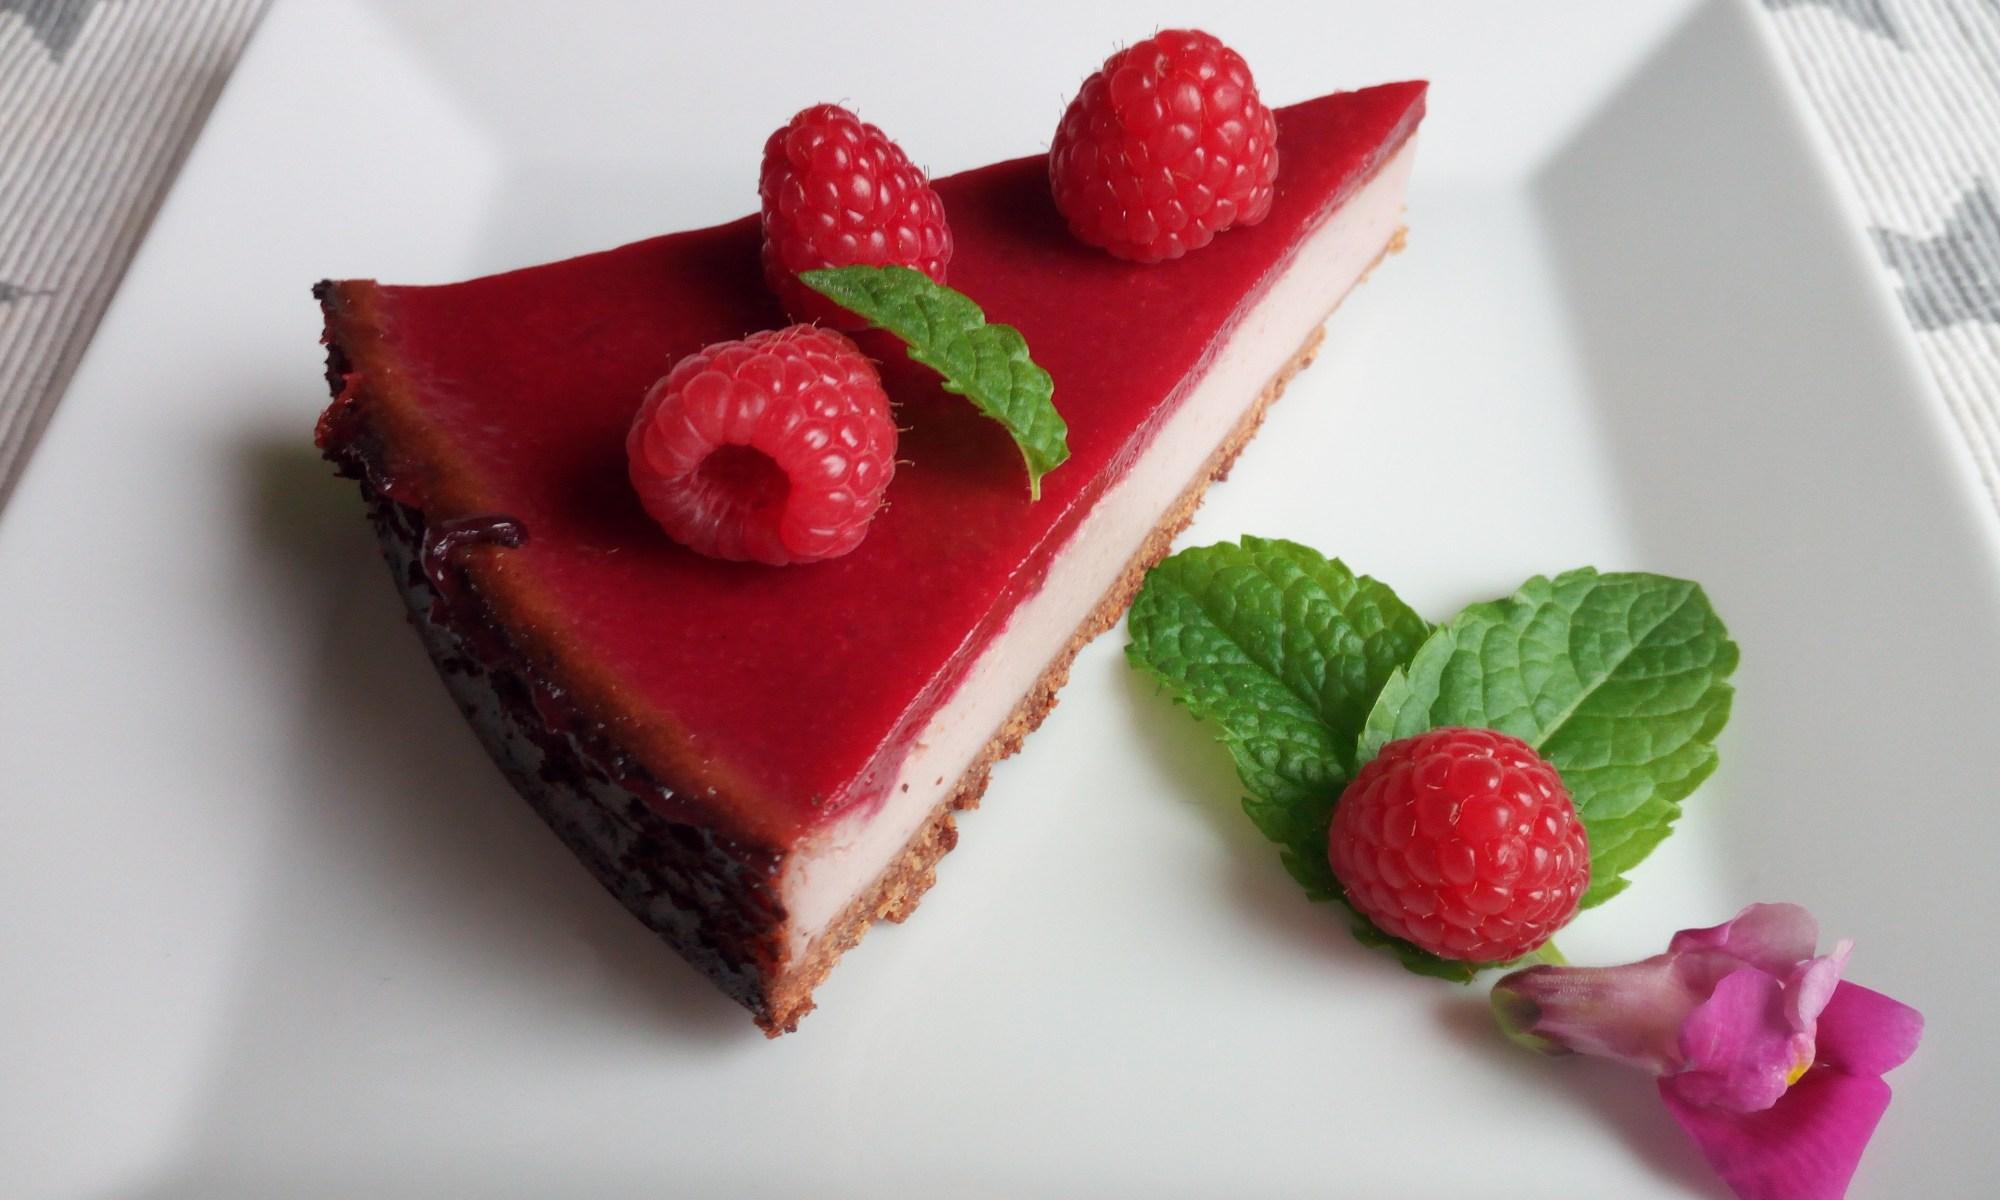 Käsekuchen - Vegan: Ein viereckiger weißer Teller mit einem spitzen Kuchenstück, dass aus weißer Sojacreme besteht und mit einer knallroten Himmbeerlasur überzogen ist. Garniert mit Minzblätter und Himbeeren.